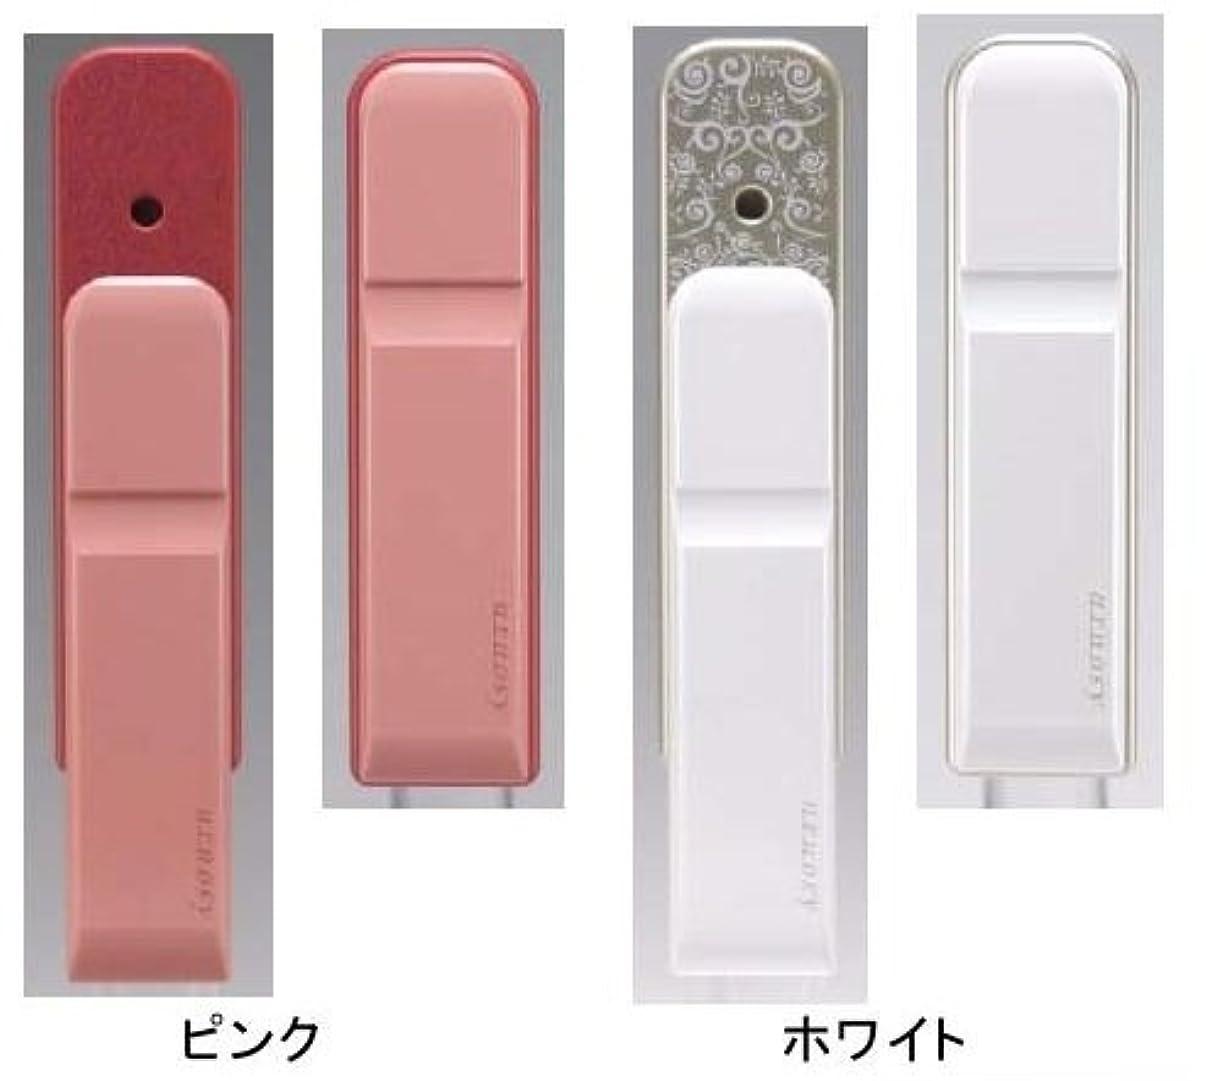 とにかく一定マーケティング携帯用ナノミスト美顔器ハンディミスト uruosyウルオシー(専用化粧水50ml付) ホワイト?MU-U1W